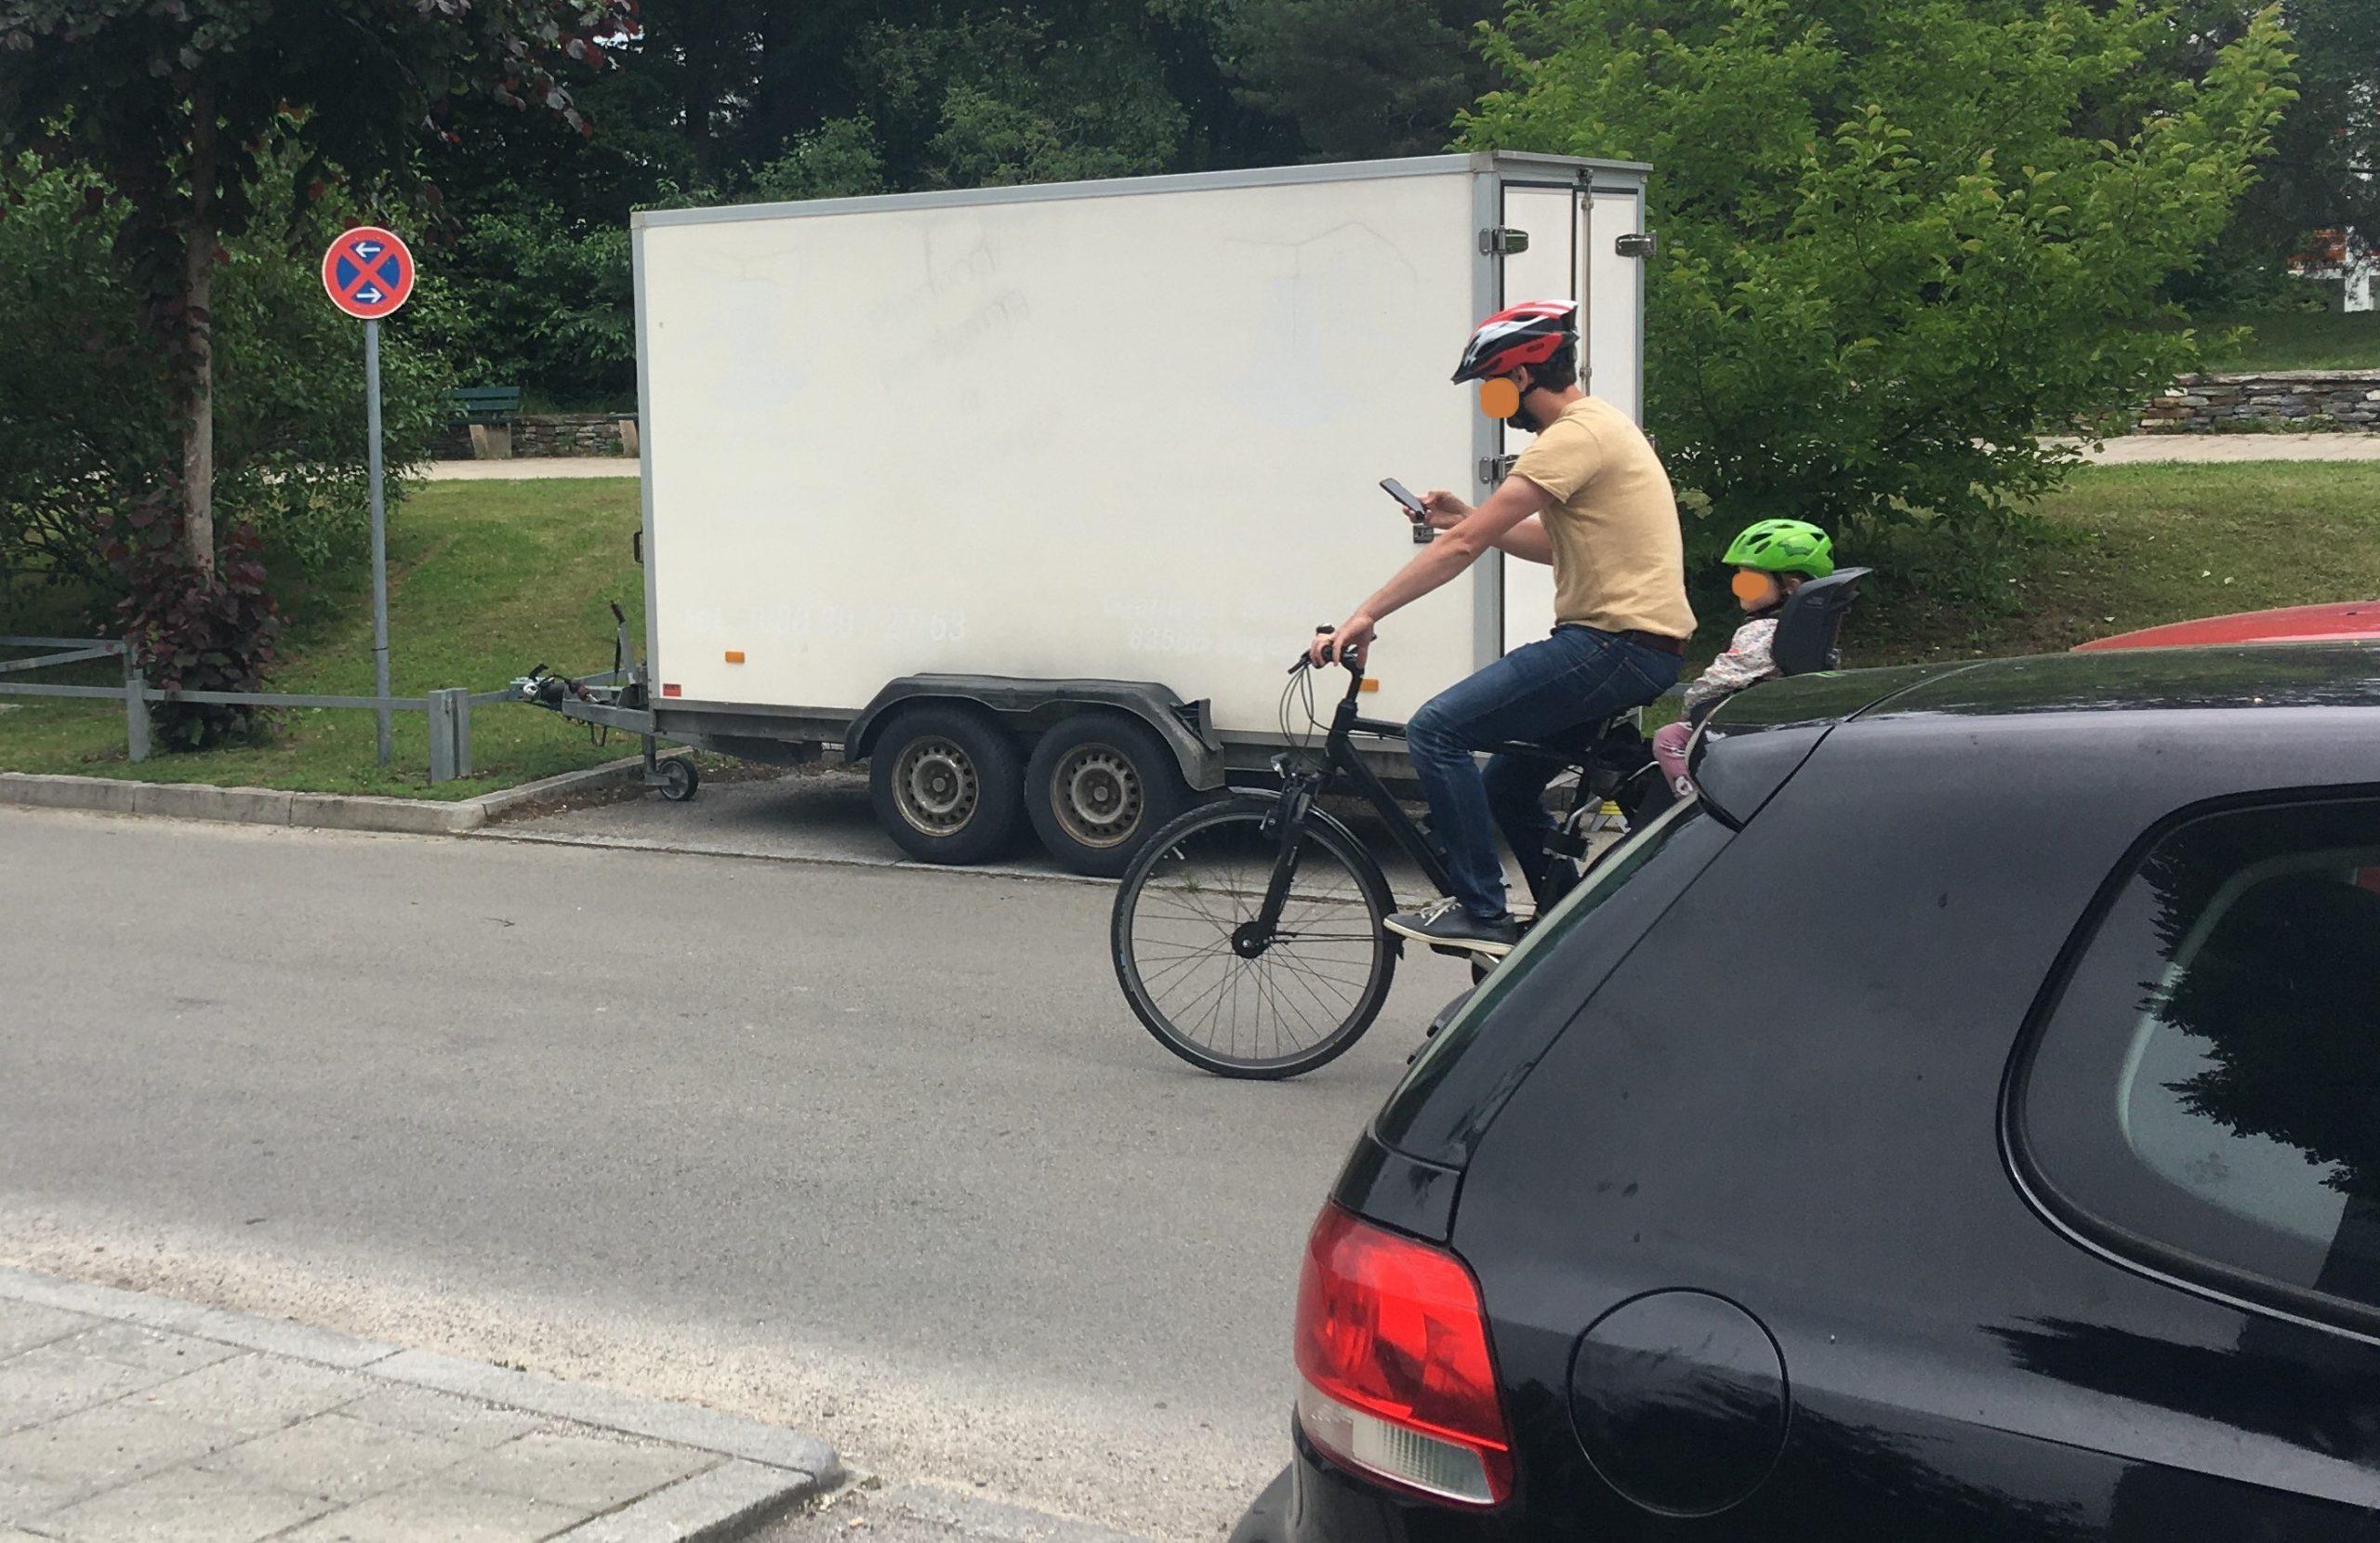 Fahrradfahrer mit Kind im Kindersitz und Handy in der Hand